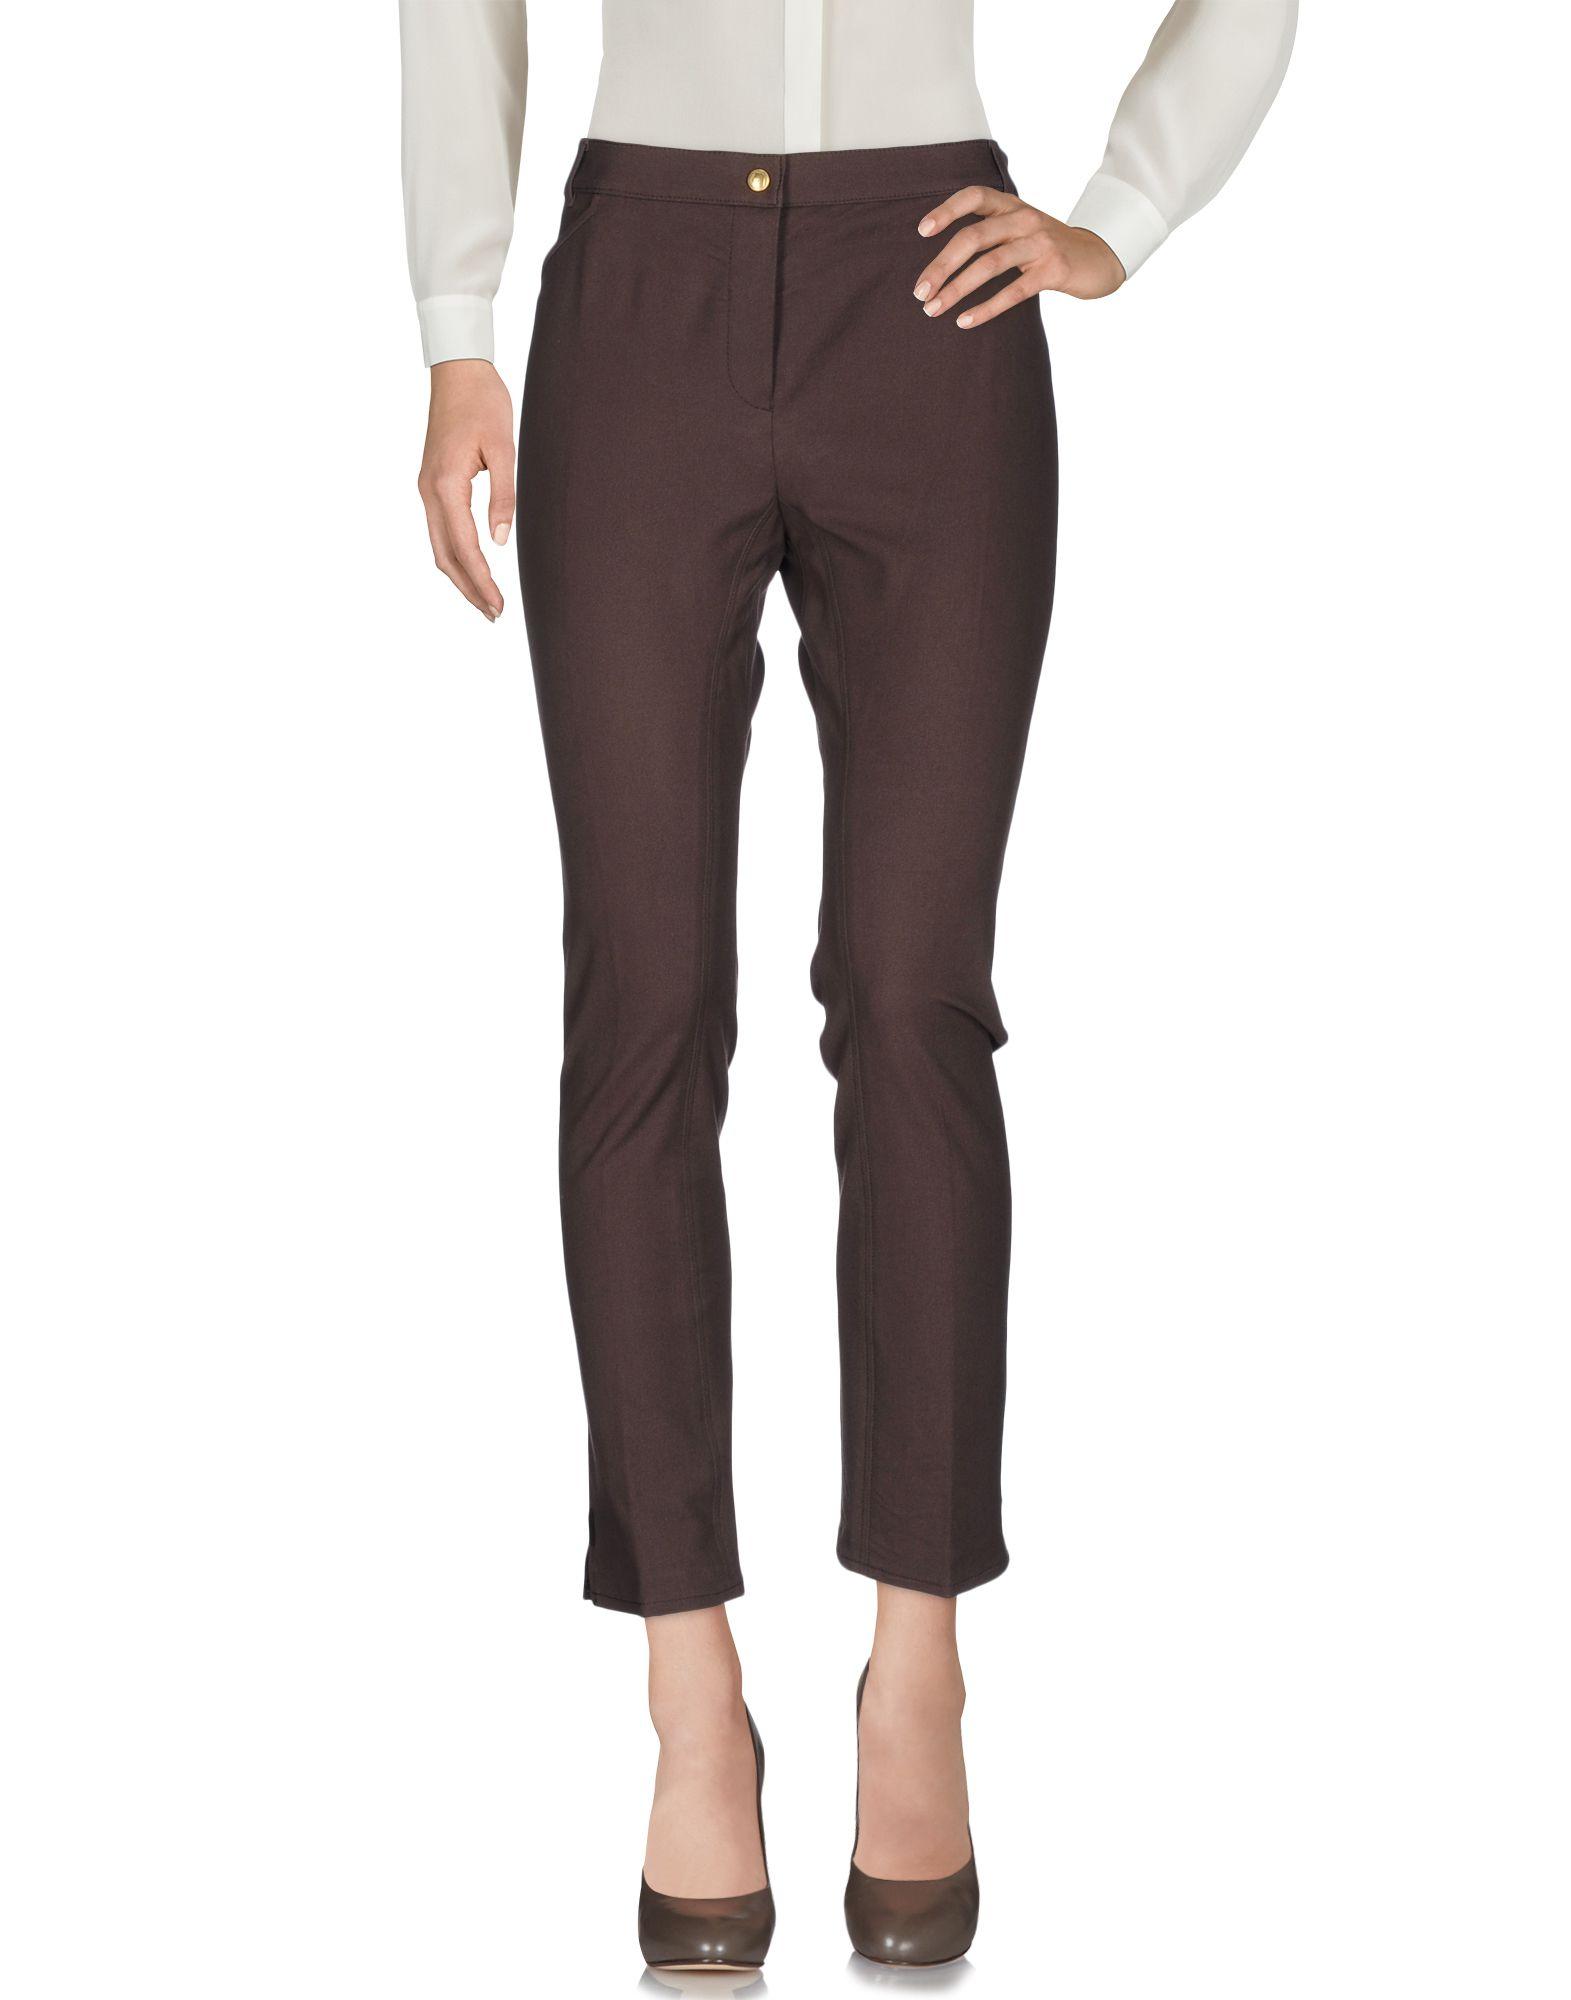 Pantalone Pamela Henson donna - 13005940KA